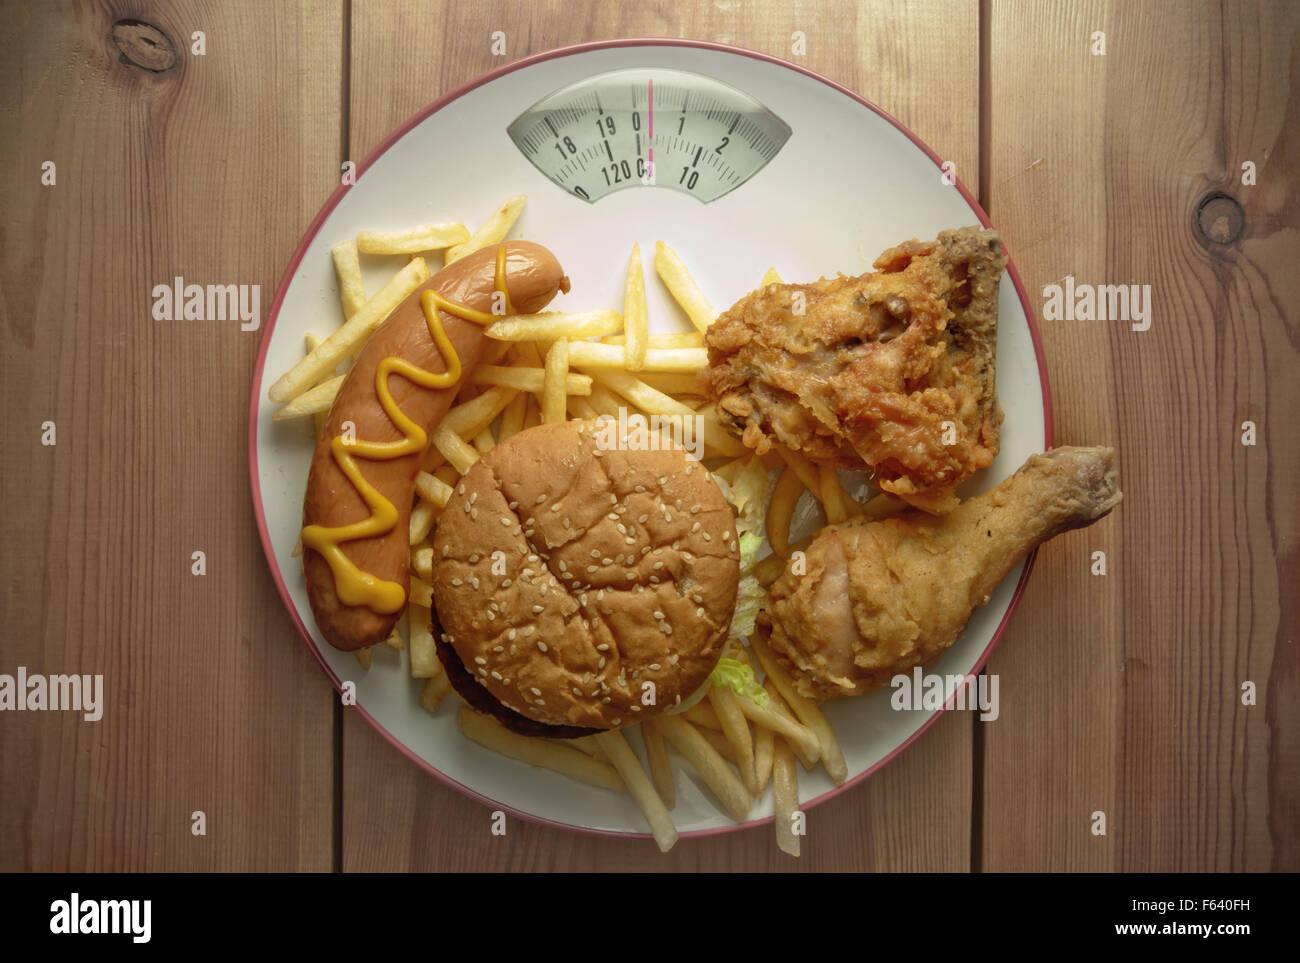 Plato repleto de comida basura y básculas Imagen De Stock